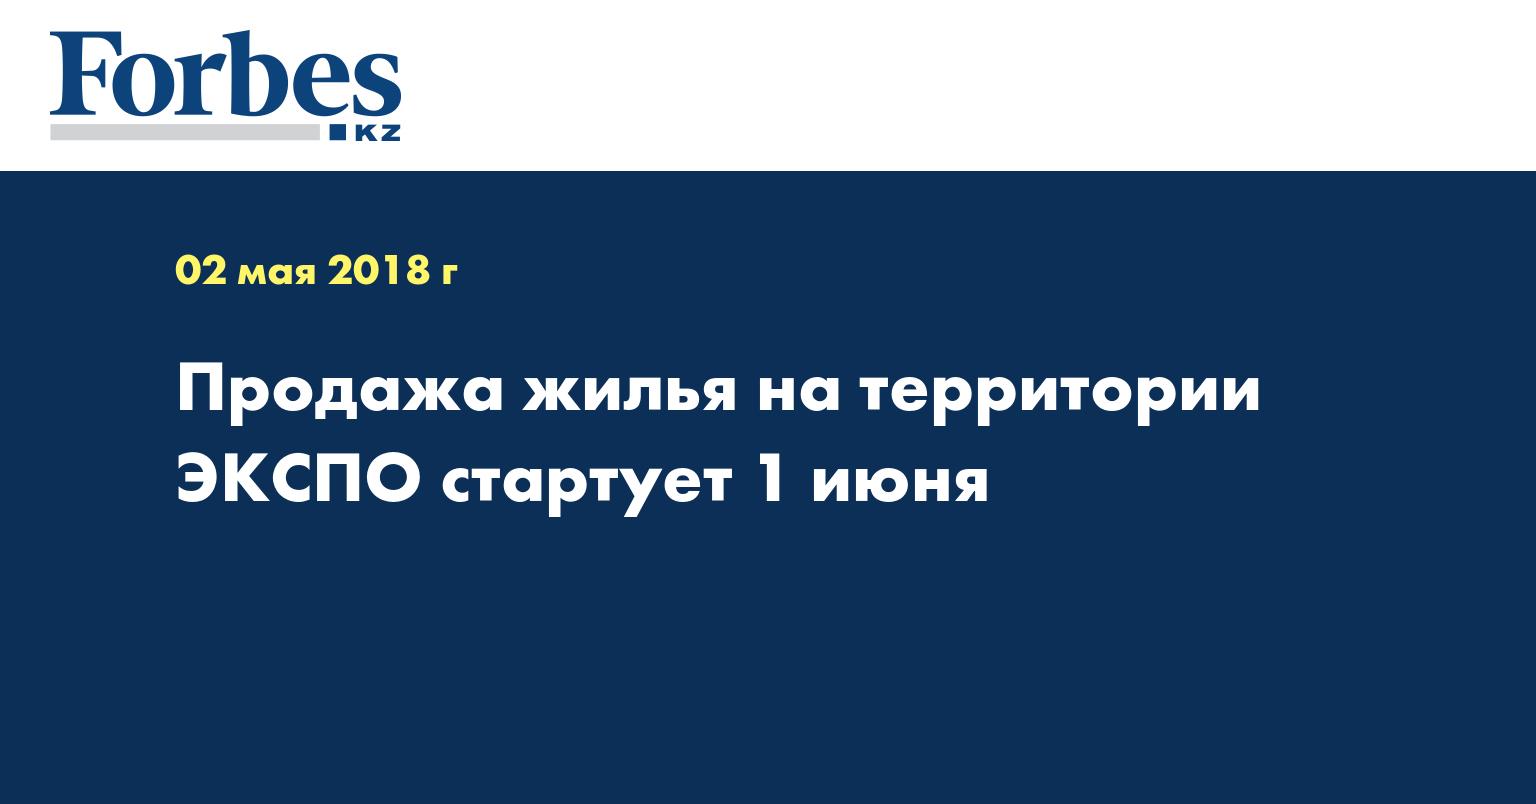 Продажа жилья на территории ЭКСПО стартует 1 июня